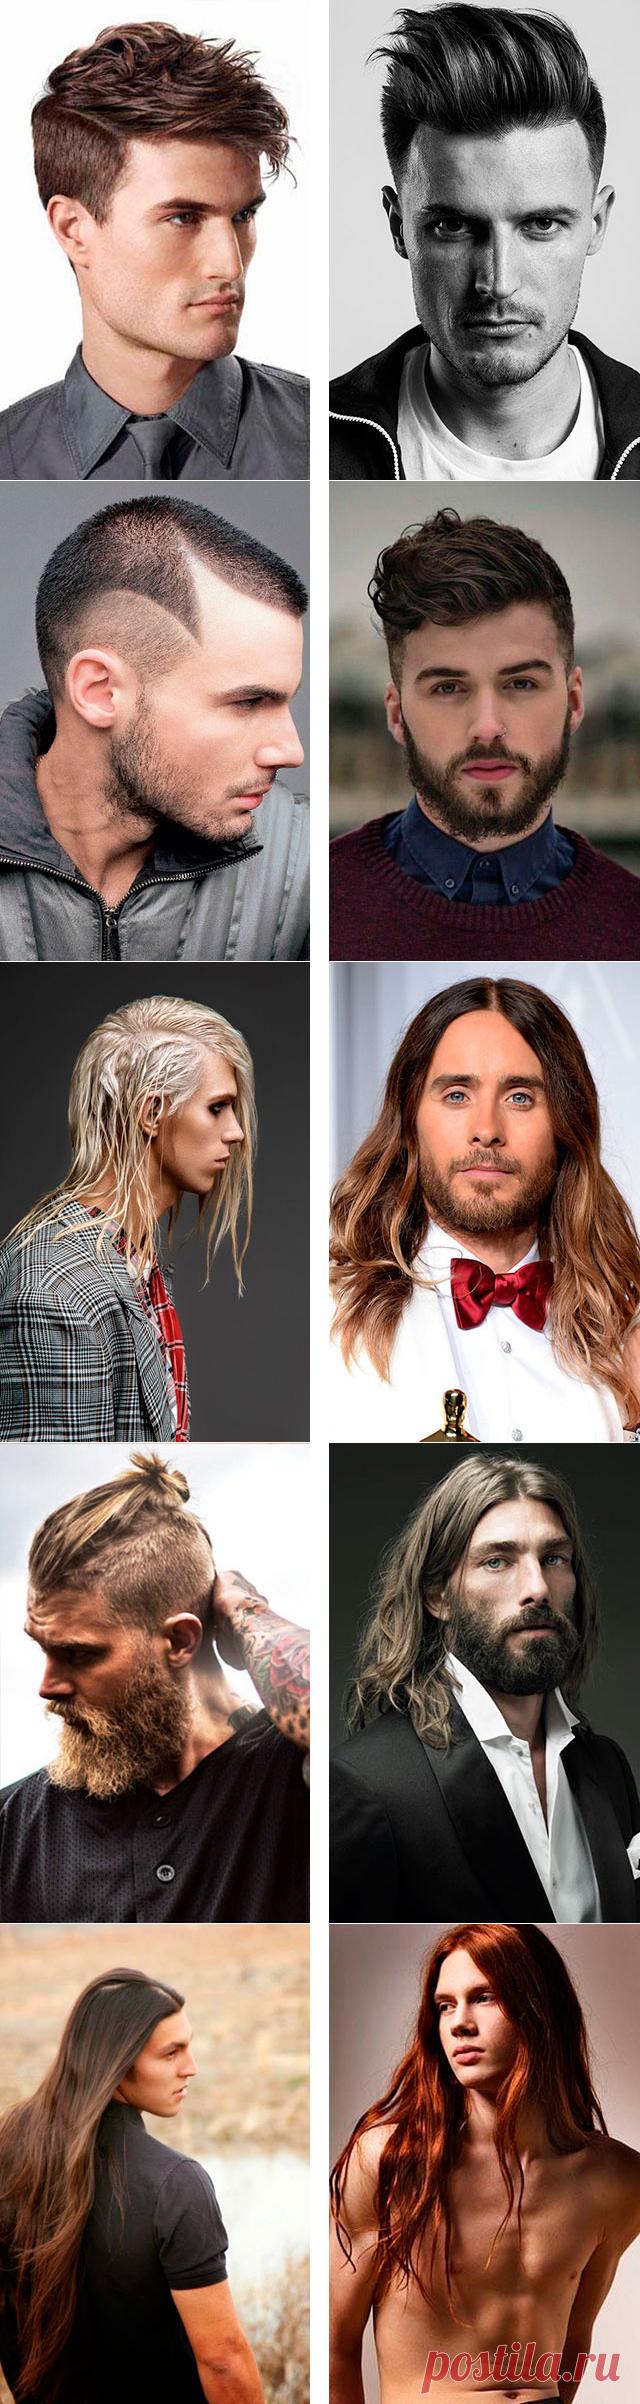 Модные стрижки мужские фото